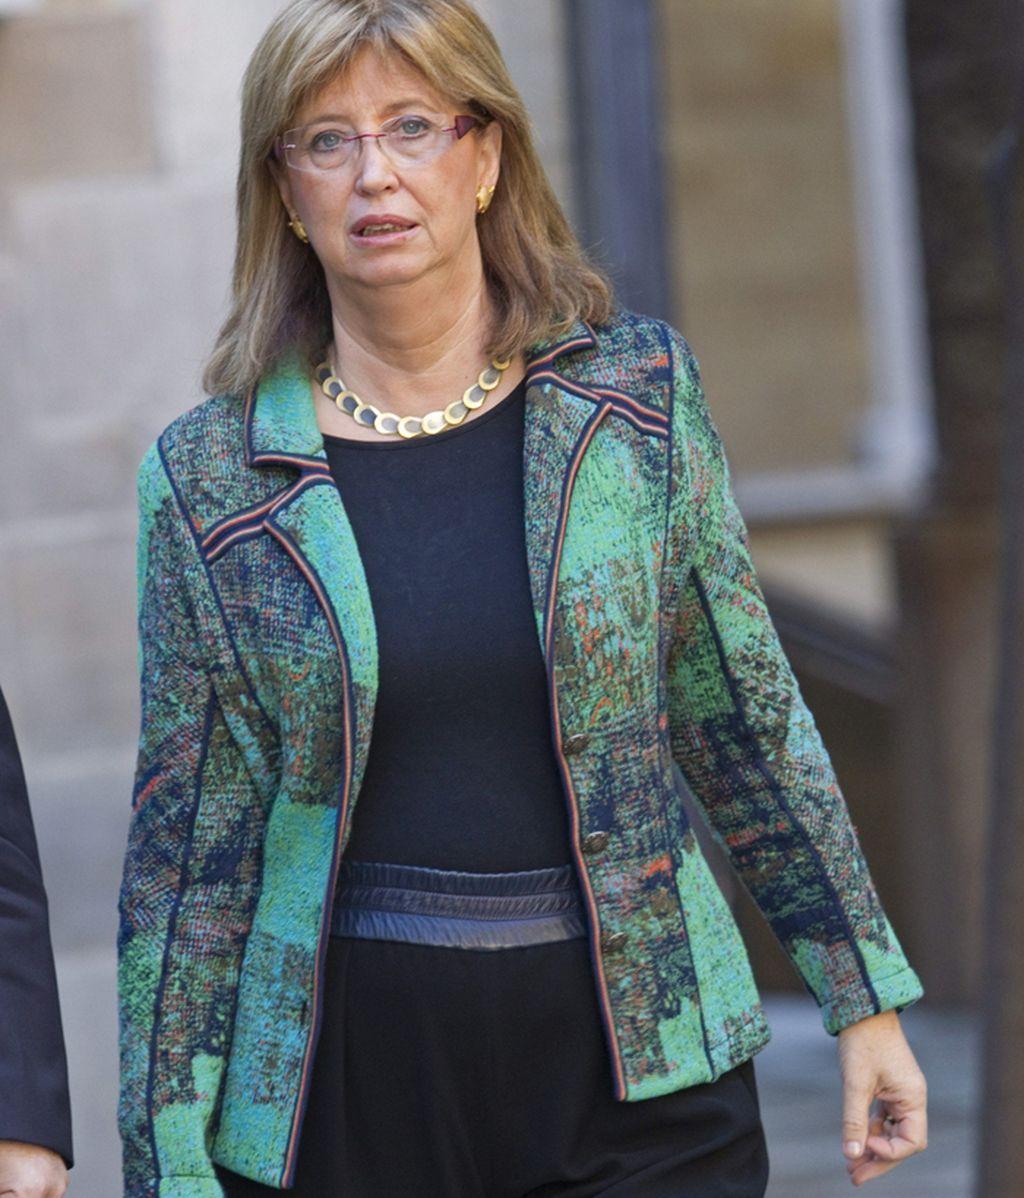 Irene Rigau, Consejera de Educación de la Generalitat de Cataluña